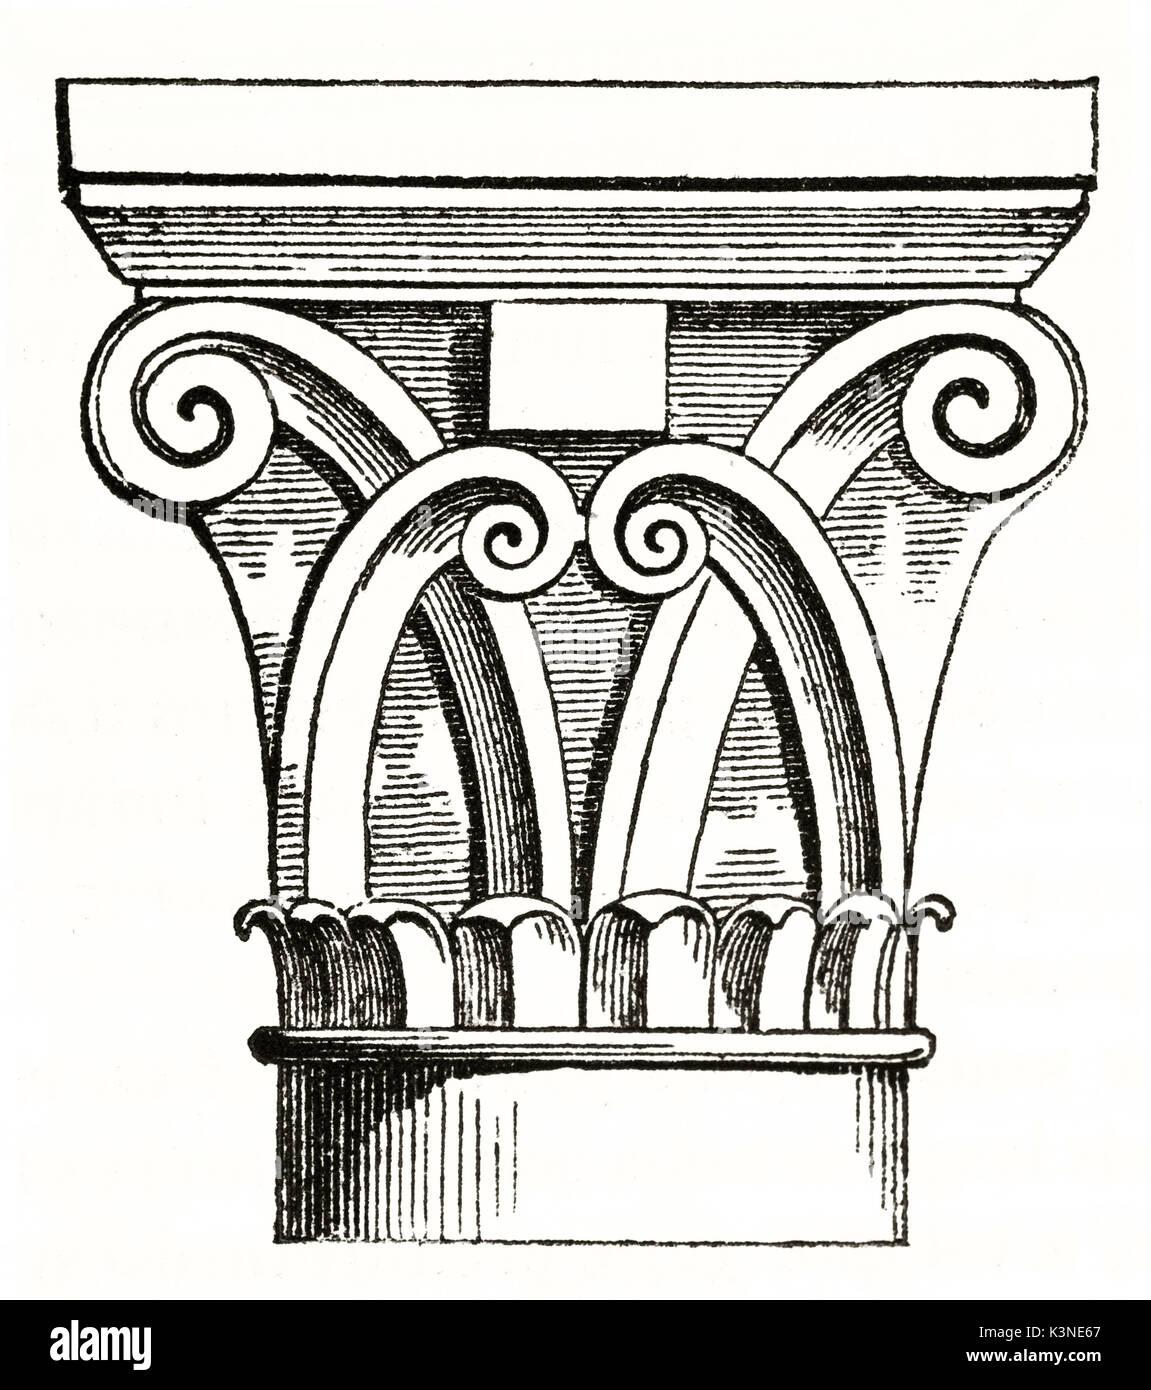 Dettagli architettonici di una colonna capitale nella cripta di l'Abbaye aux Dames (donne) Abbazia di Caen Francia. Elemento isolato da autore non identificato pubblicato il Magasin pittoresco Paris1839 Immagini Stock